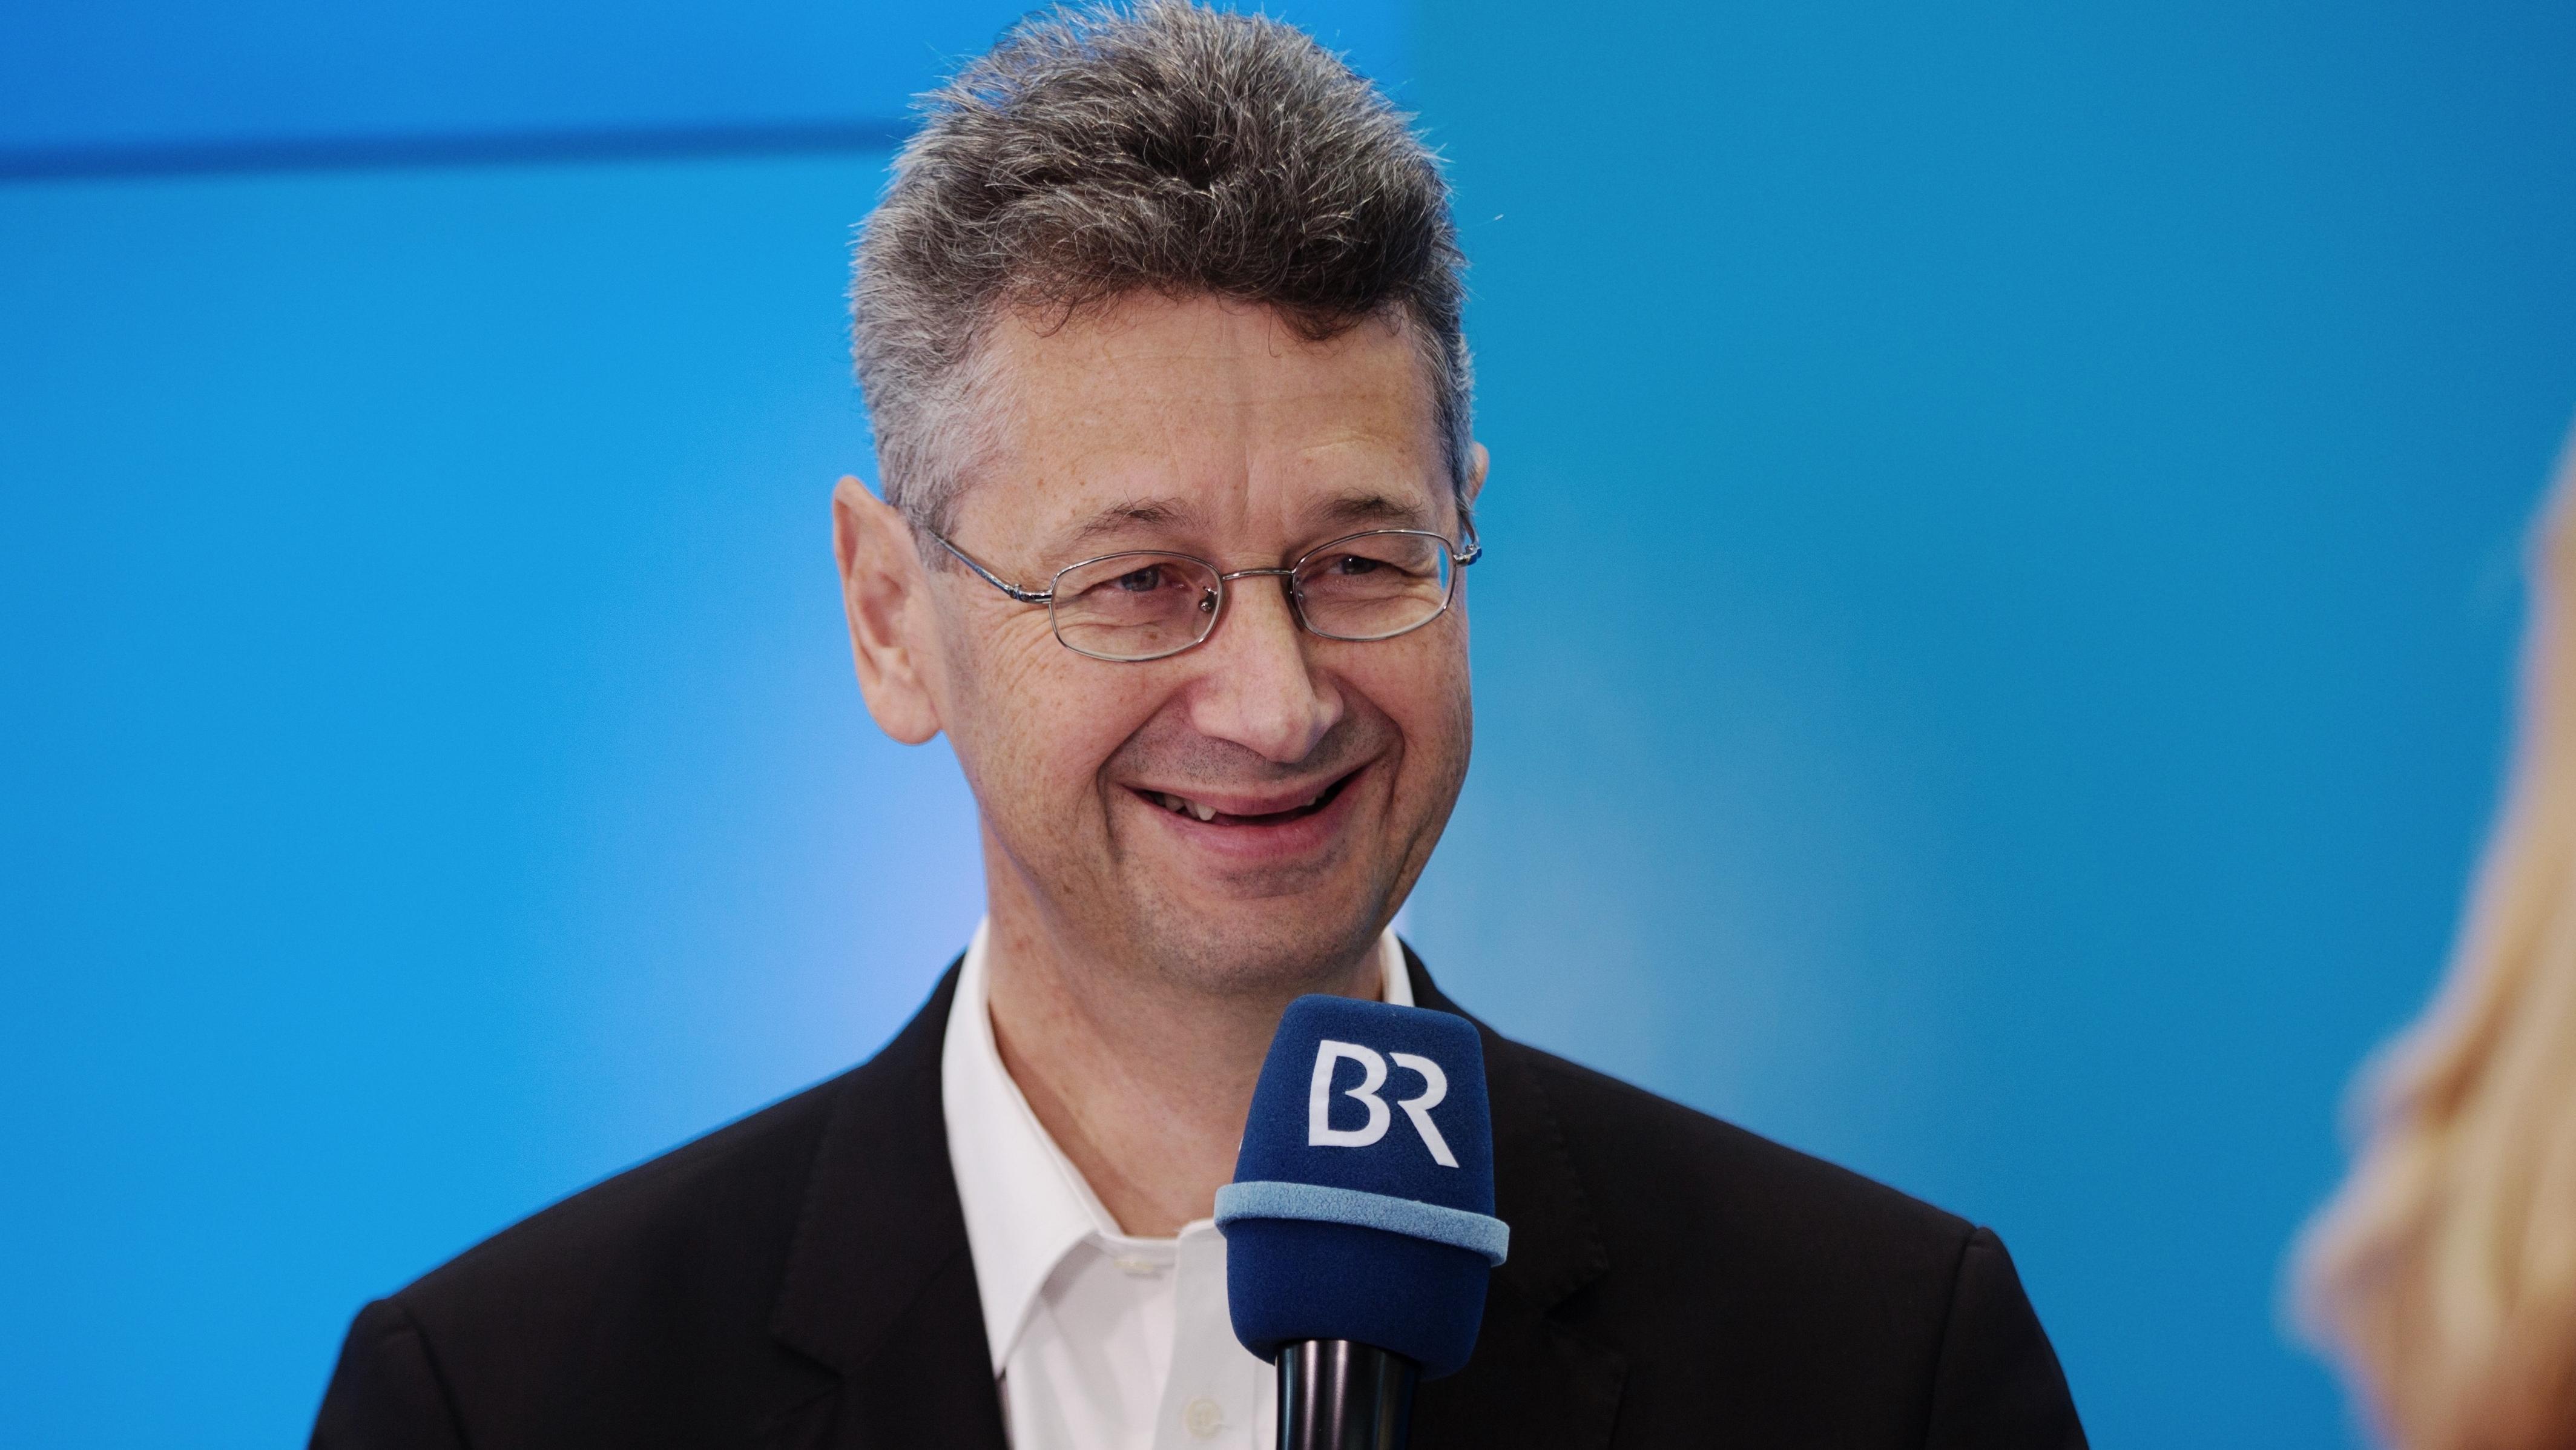 Michael Piazolo auf den Medientagen München 2017